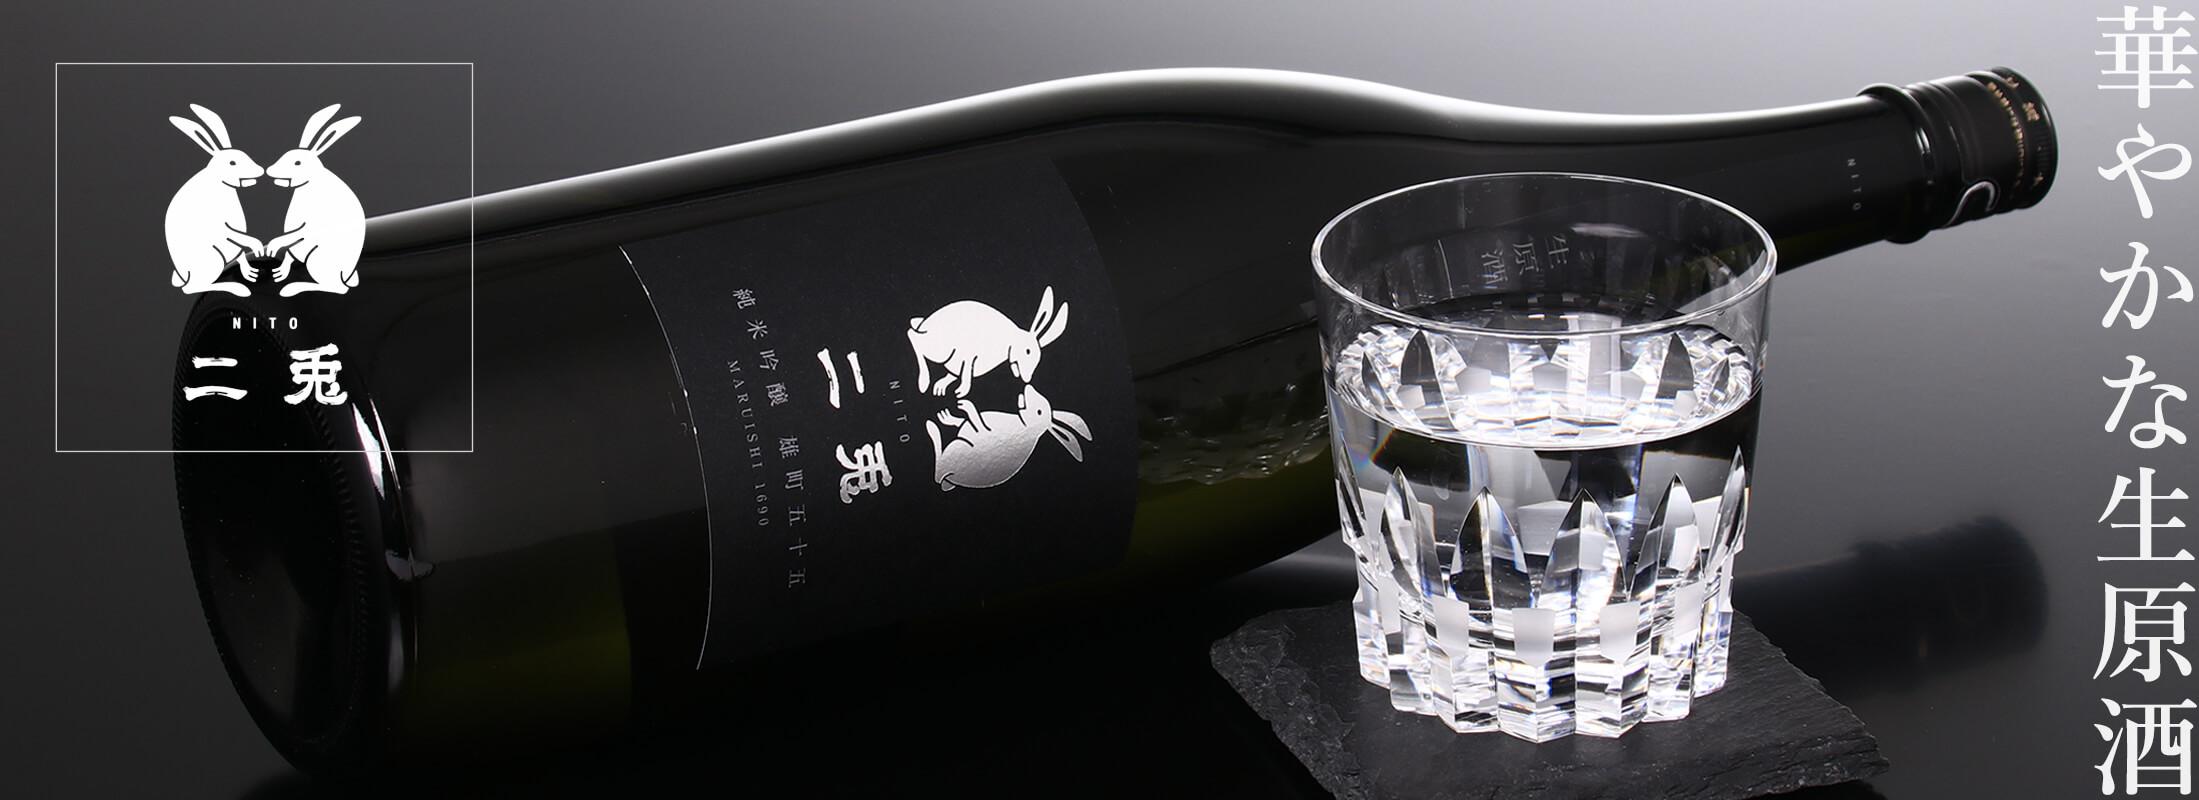 二兎 純米吟醸 雄町 五十五 生酒